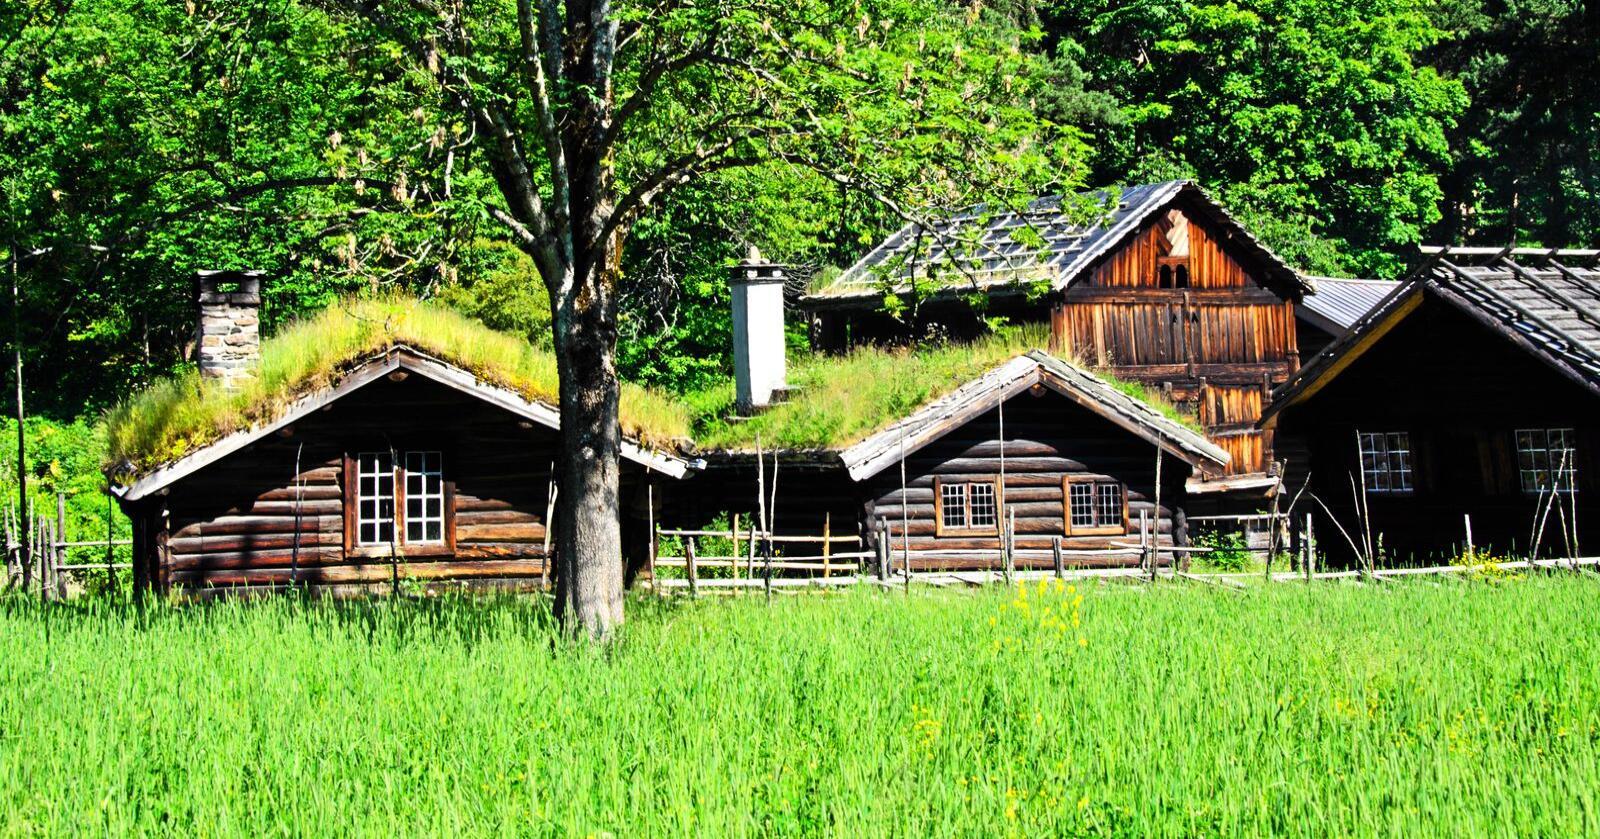 Regjeringen vil ikke snakke om hvordan den har nedprioritert kulturarven de siste åra, skriver Åslaug Sem-Jacobsen. Foto: Mostphotos